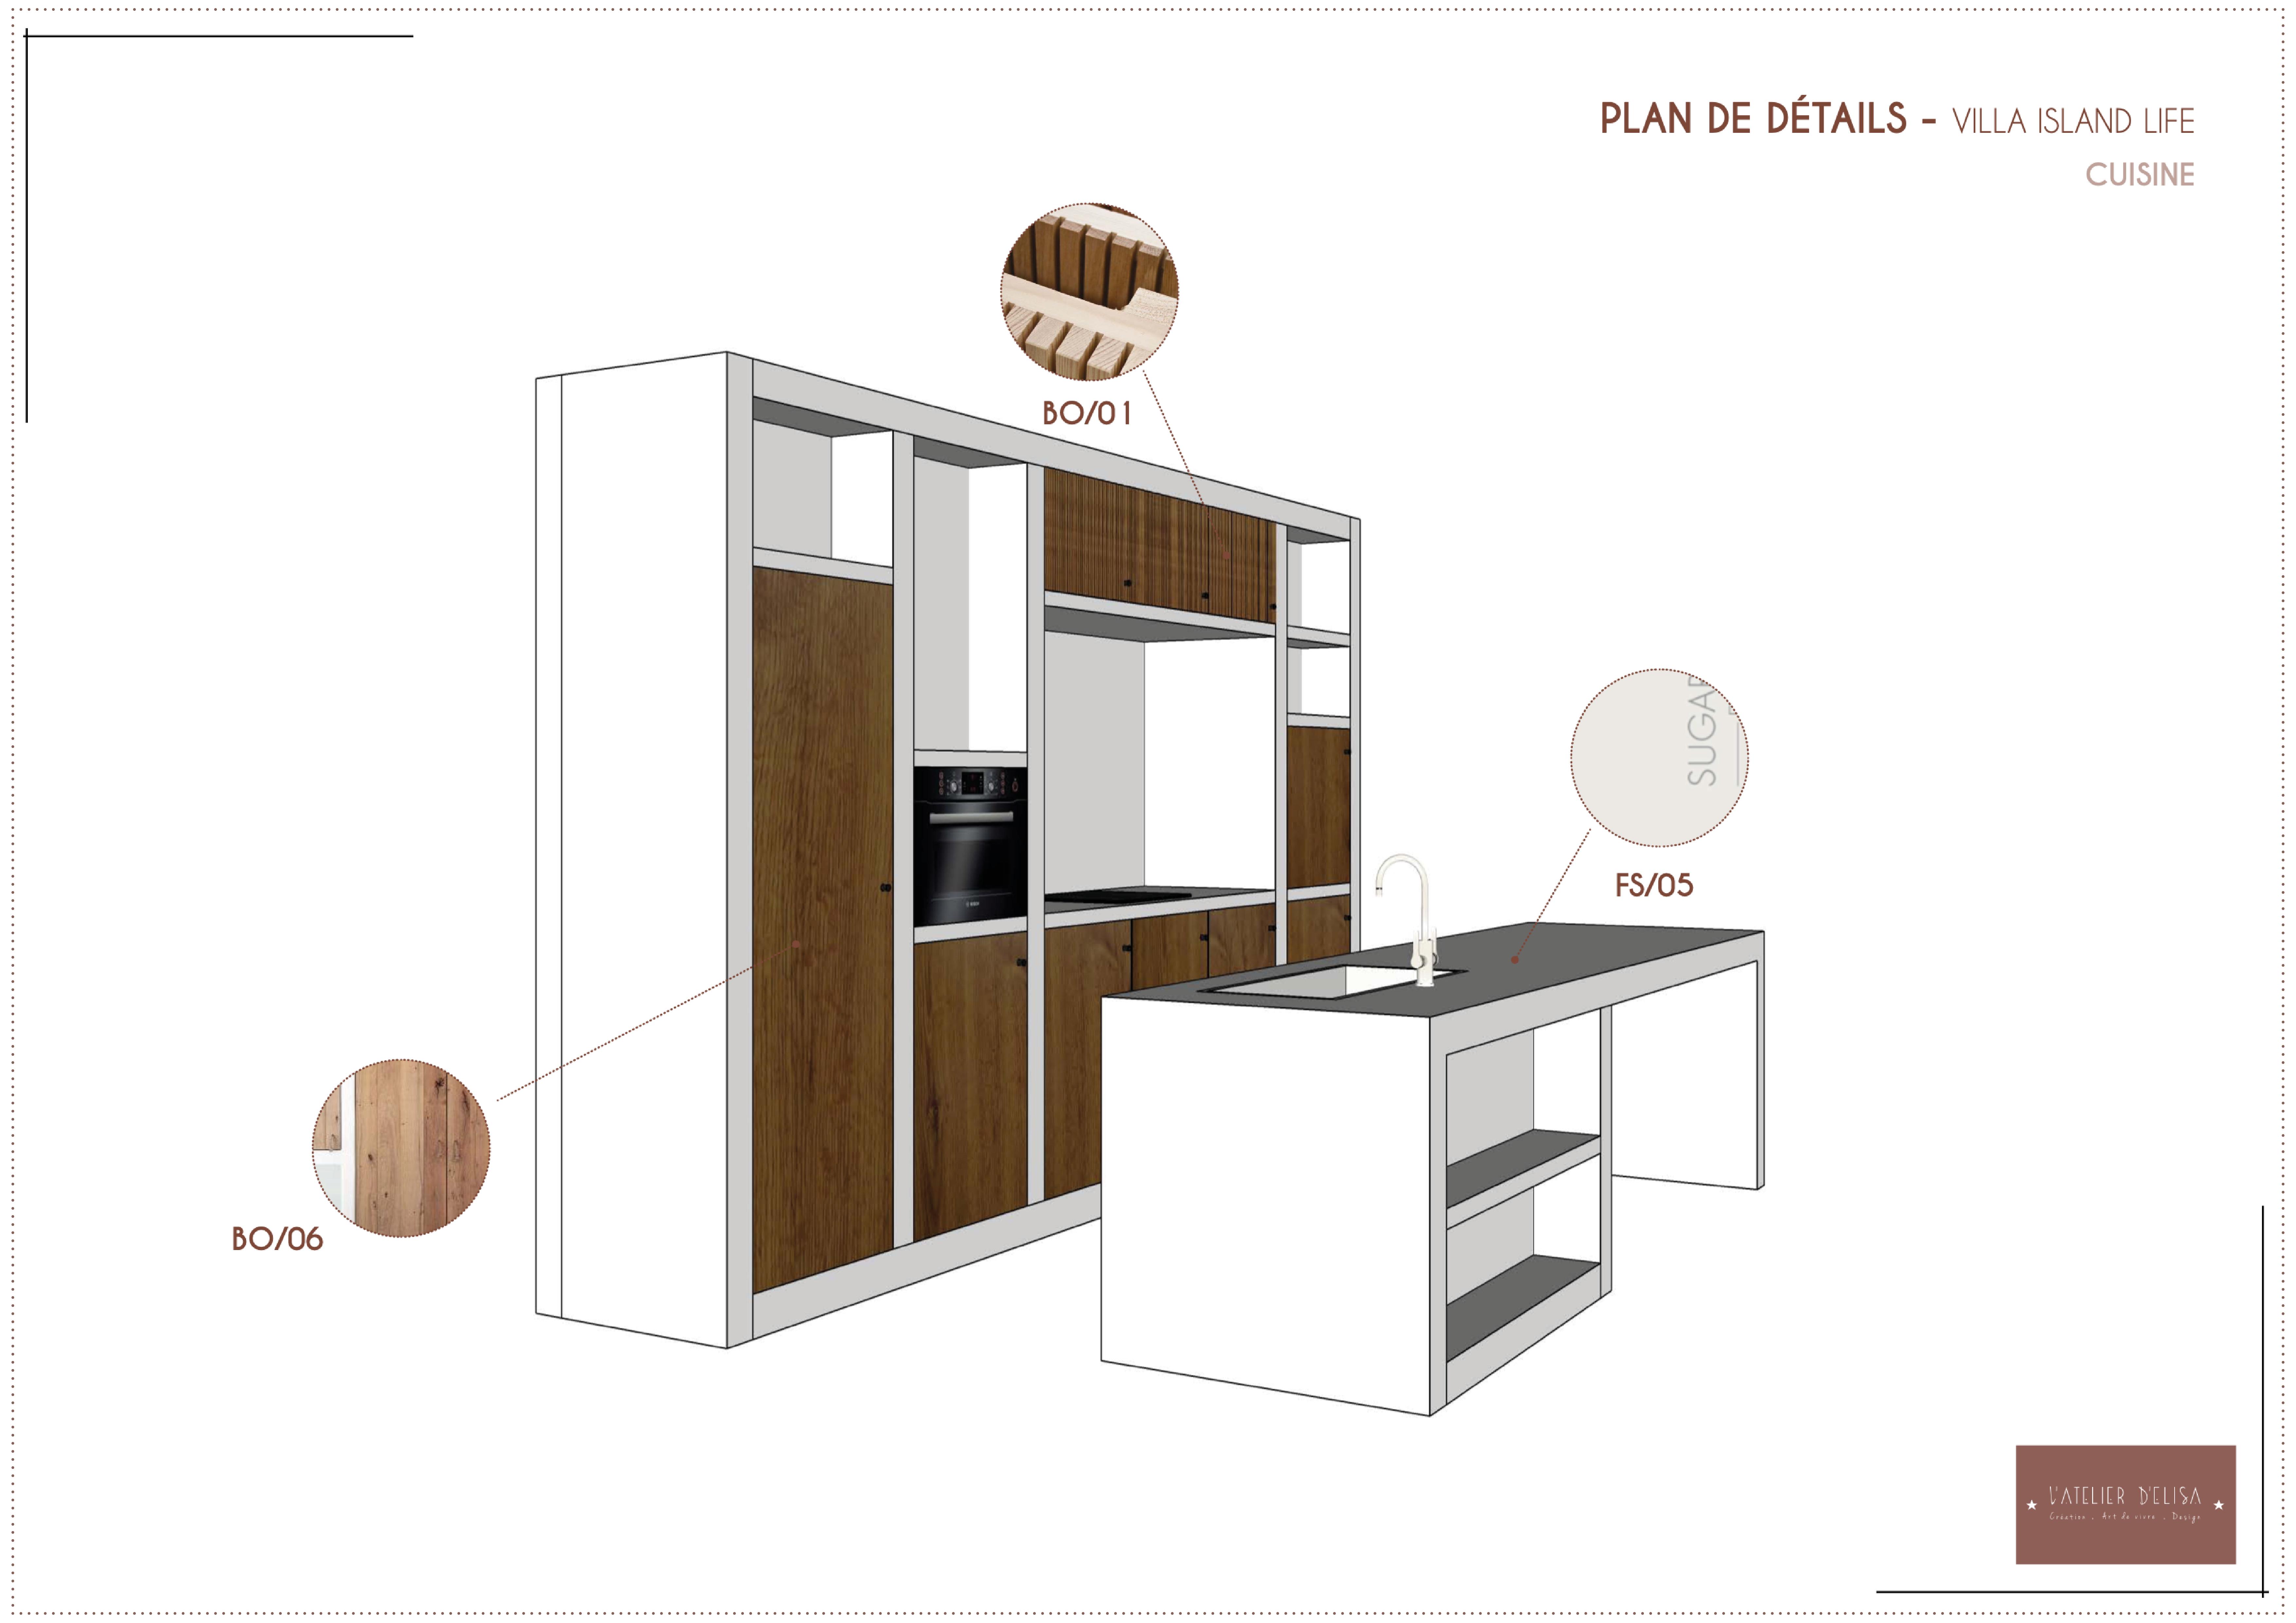 documents latelier delisa architecture8